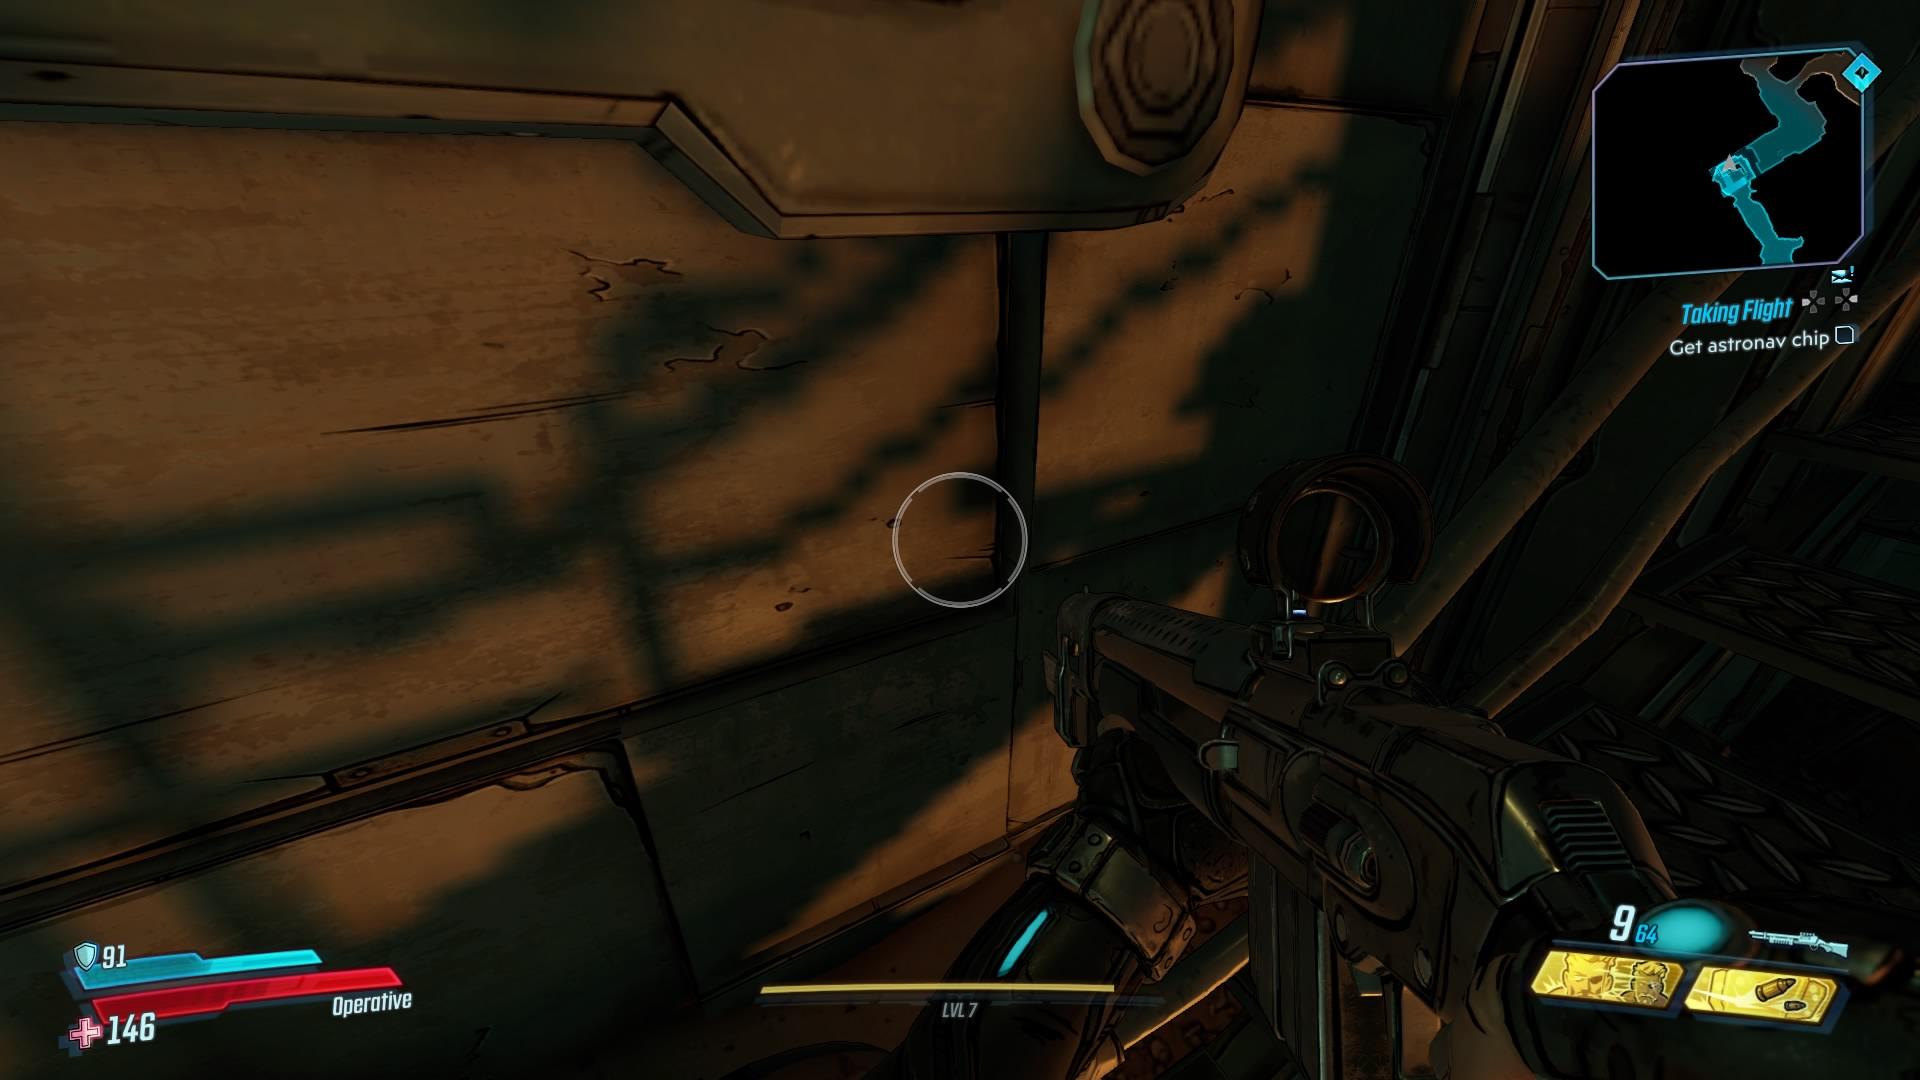 Borderlands 3 - kosmicznie dobra zabawa z kilkoma potknięciami (recenzja) 32